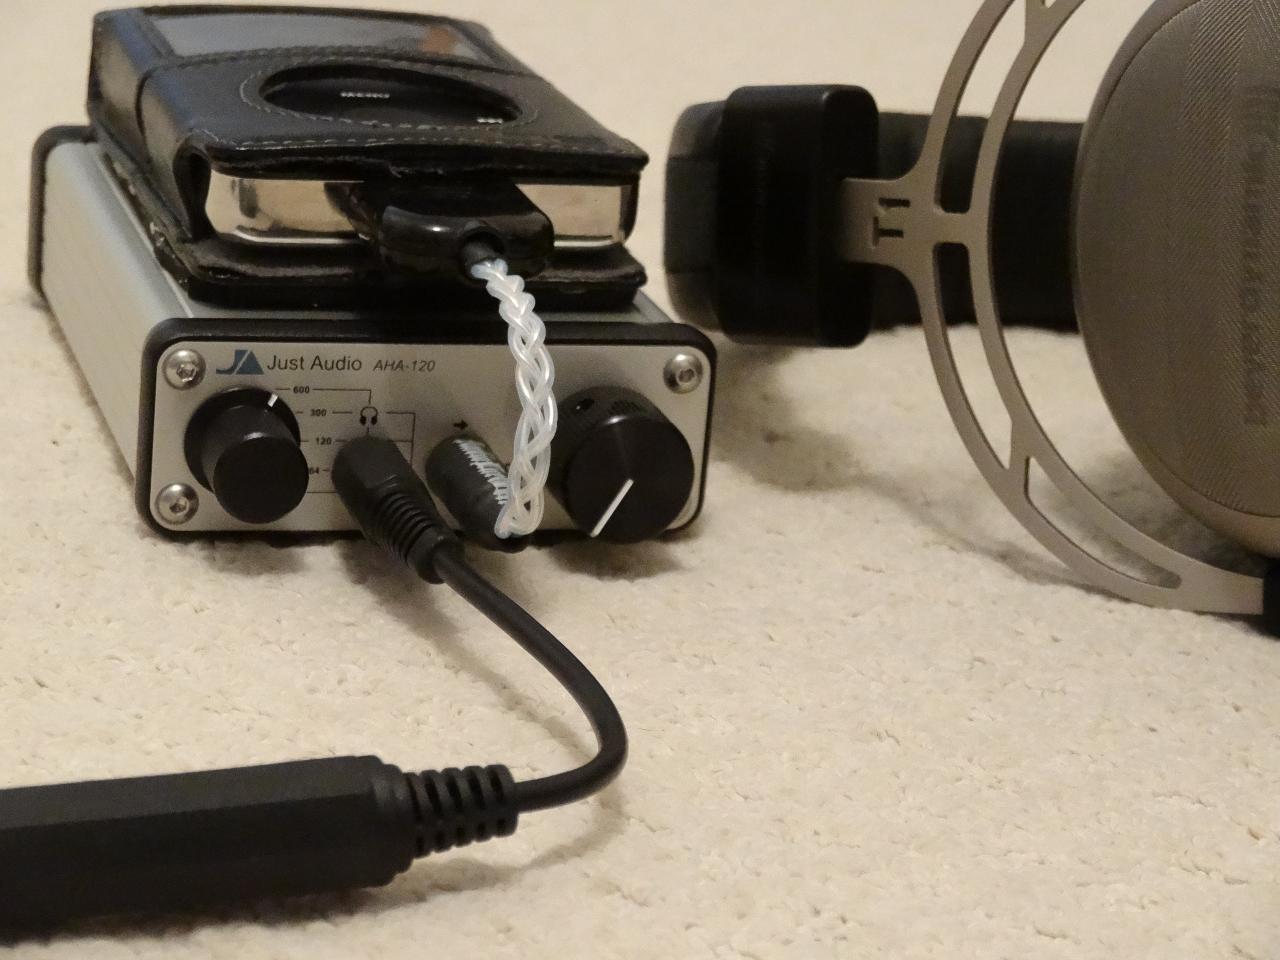 Just Audio AHA-120 + I-pod classic 160gb + Beyer T1 Close up.